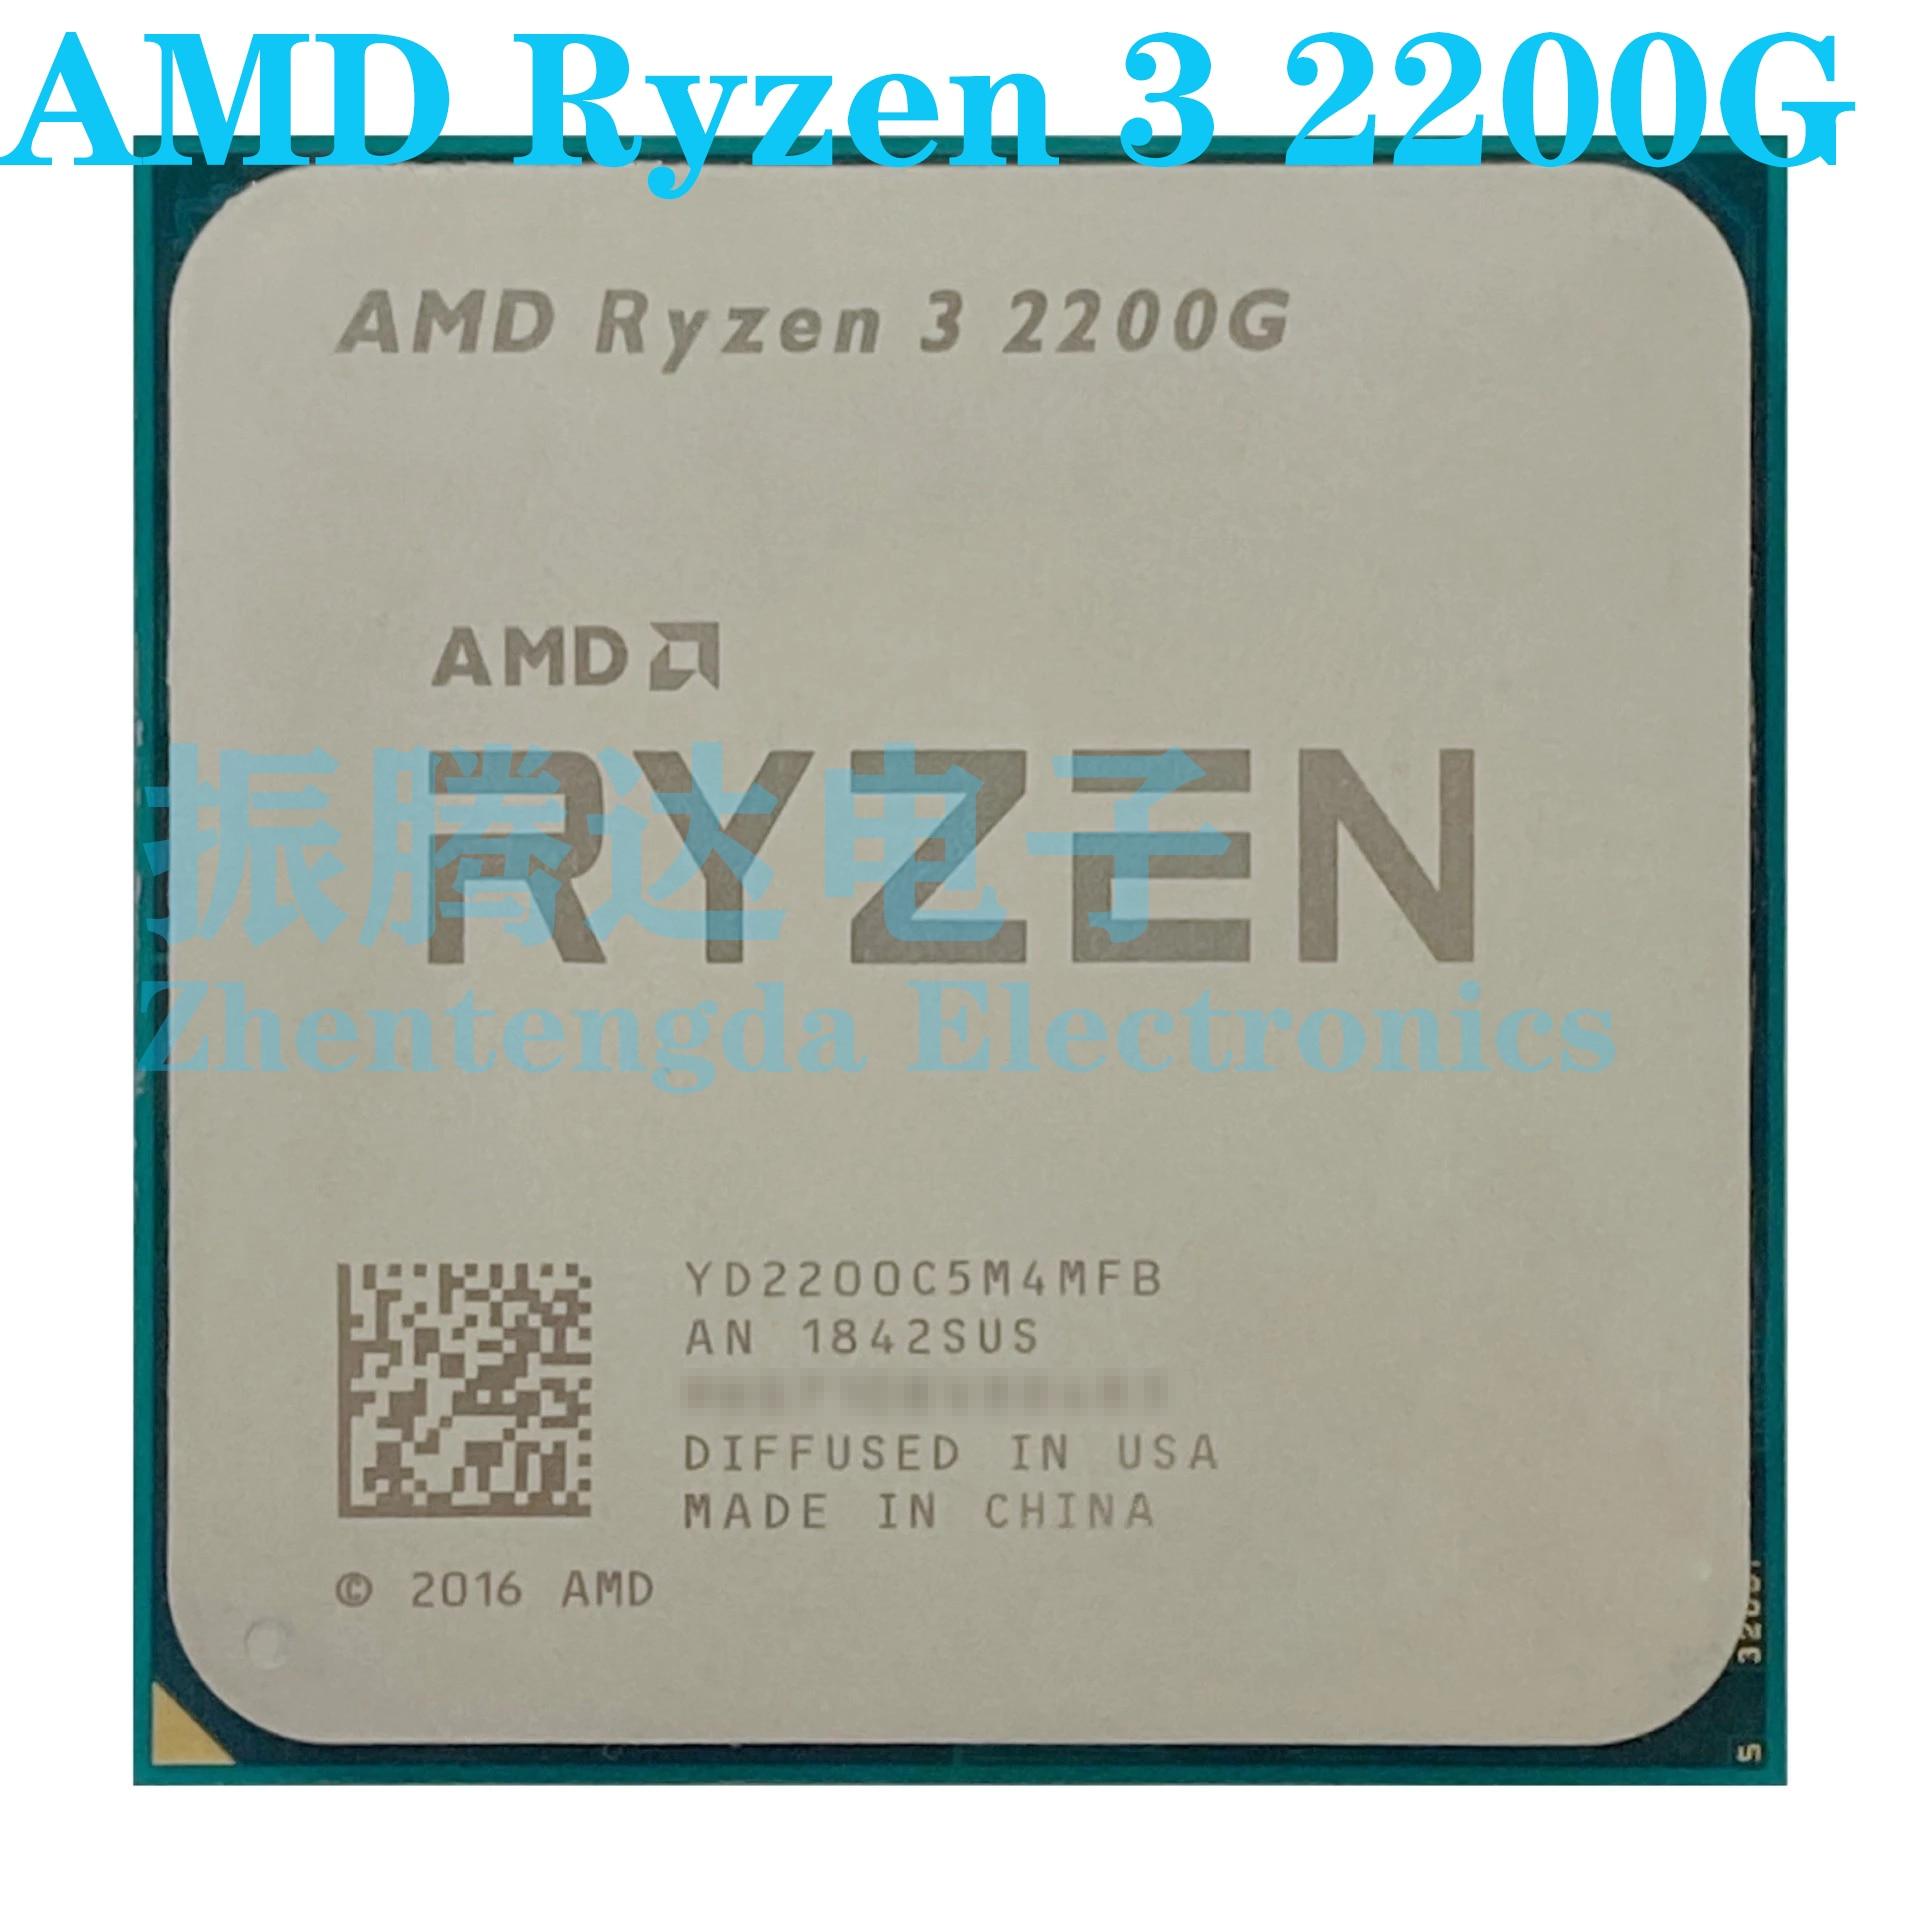 AMD Ryzen 3 2200G CPU 3.5GHz 4MB 4 Core 4 Threads Socket AM4 R3-2200G CPU Processor